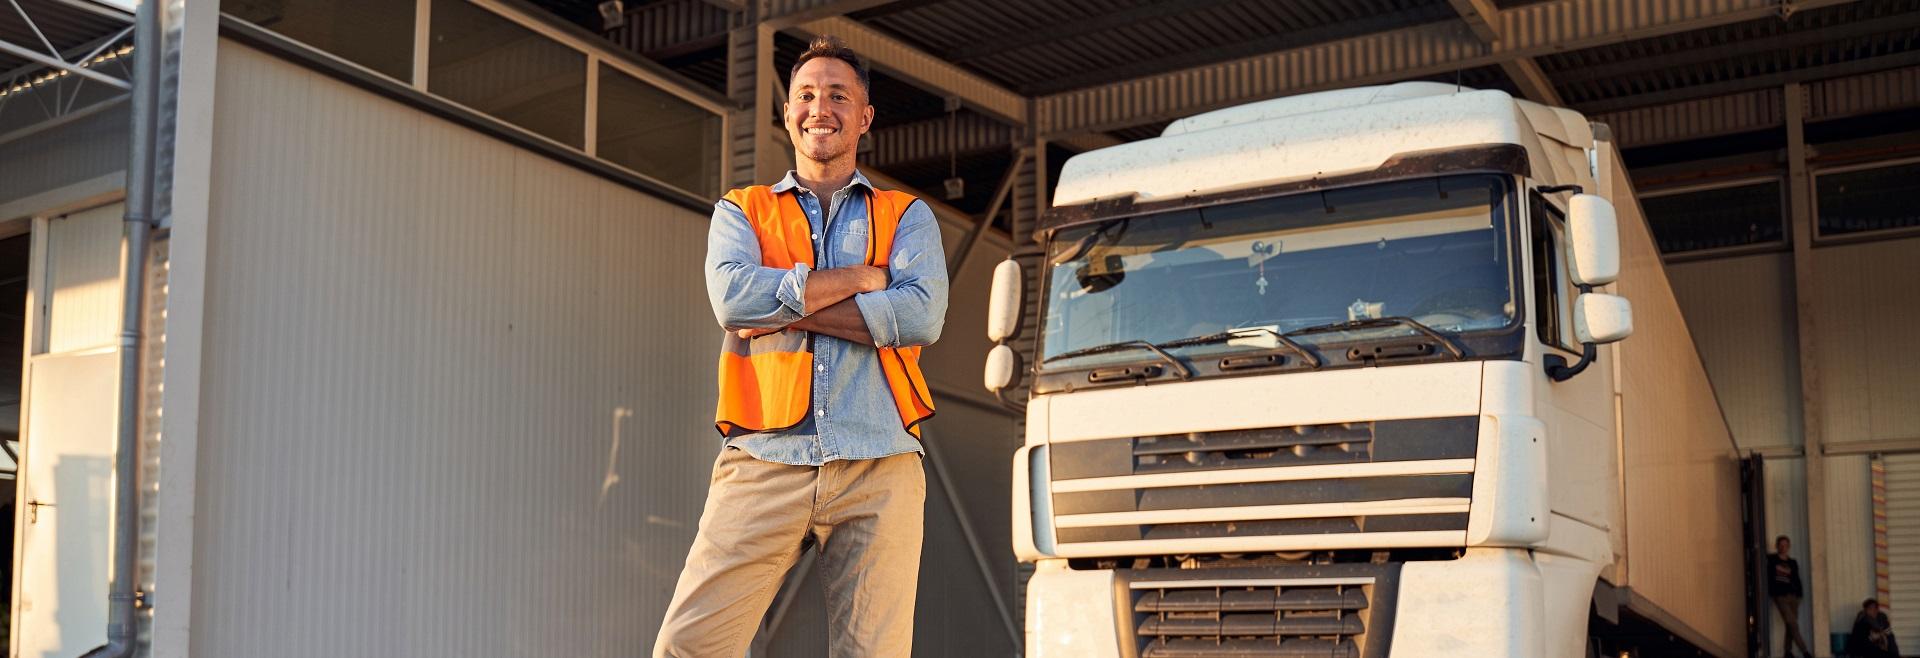 Gestion donnees legales chauffeur entreprise transport SDEI